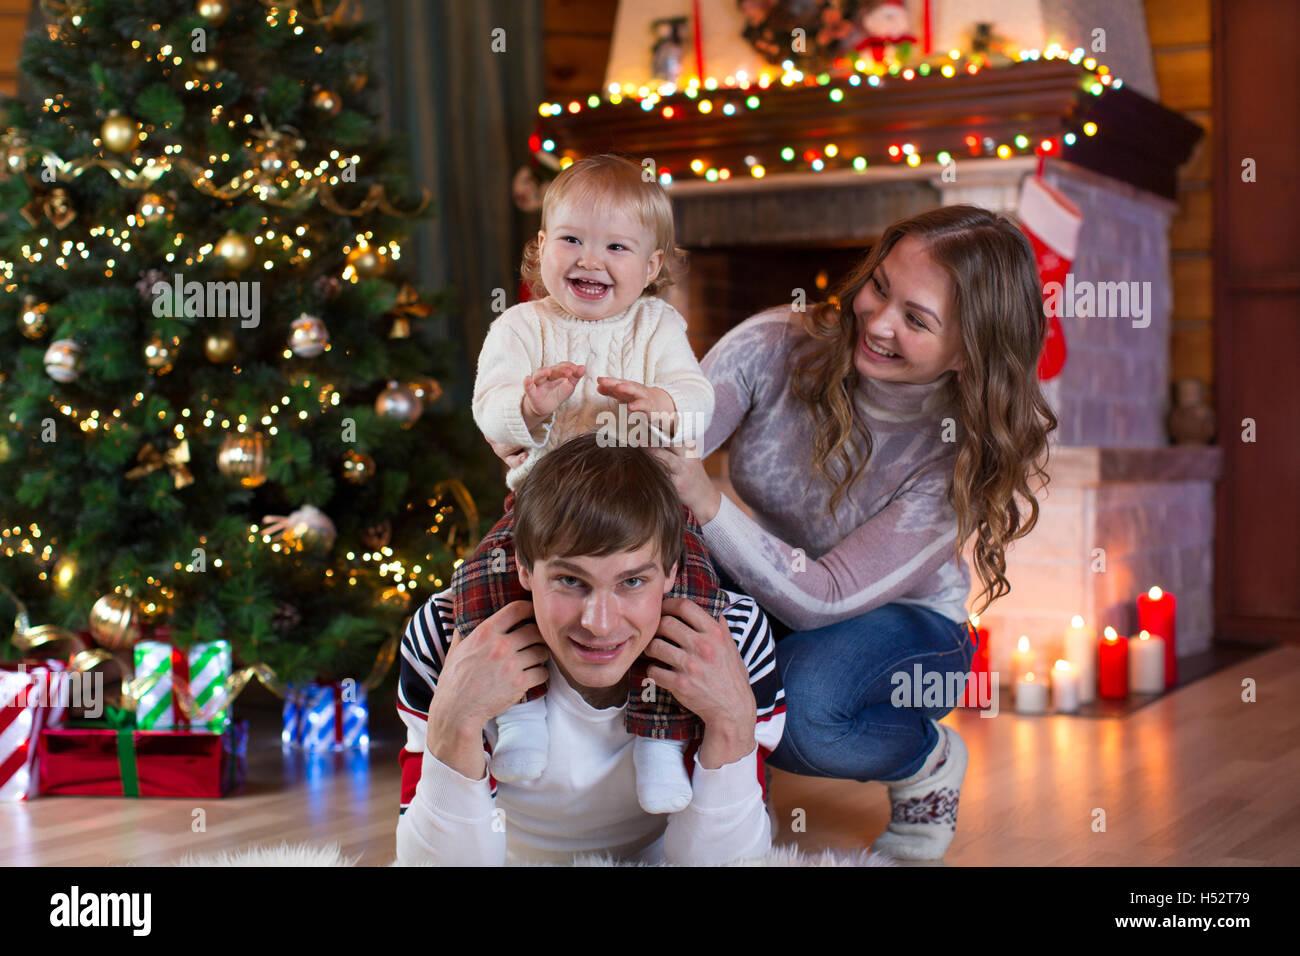 Navidad, X-mas, la familia, la gente, la felicidad concepto - felices padres jugando con pretty baby boy Imagen De Stock